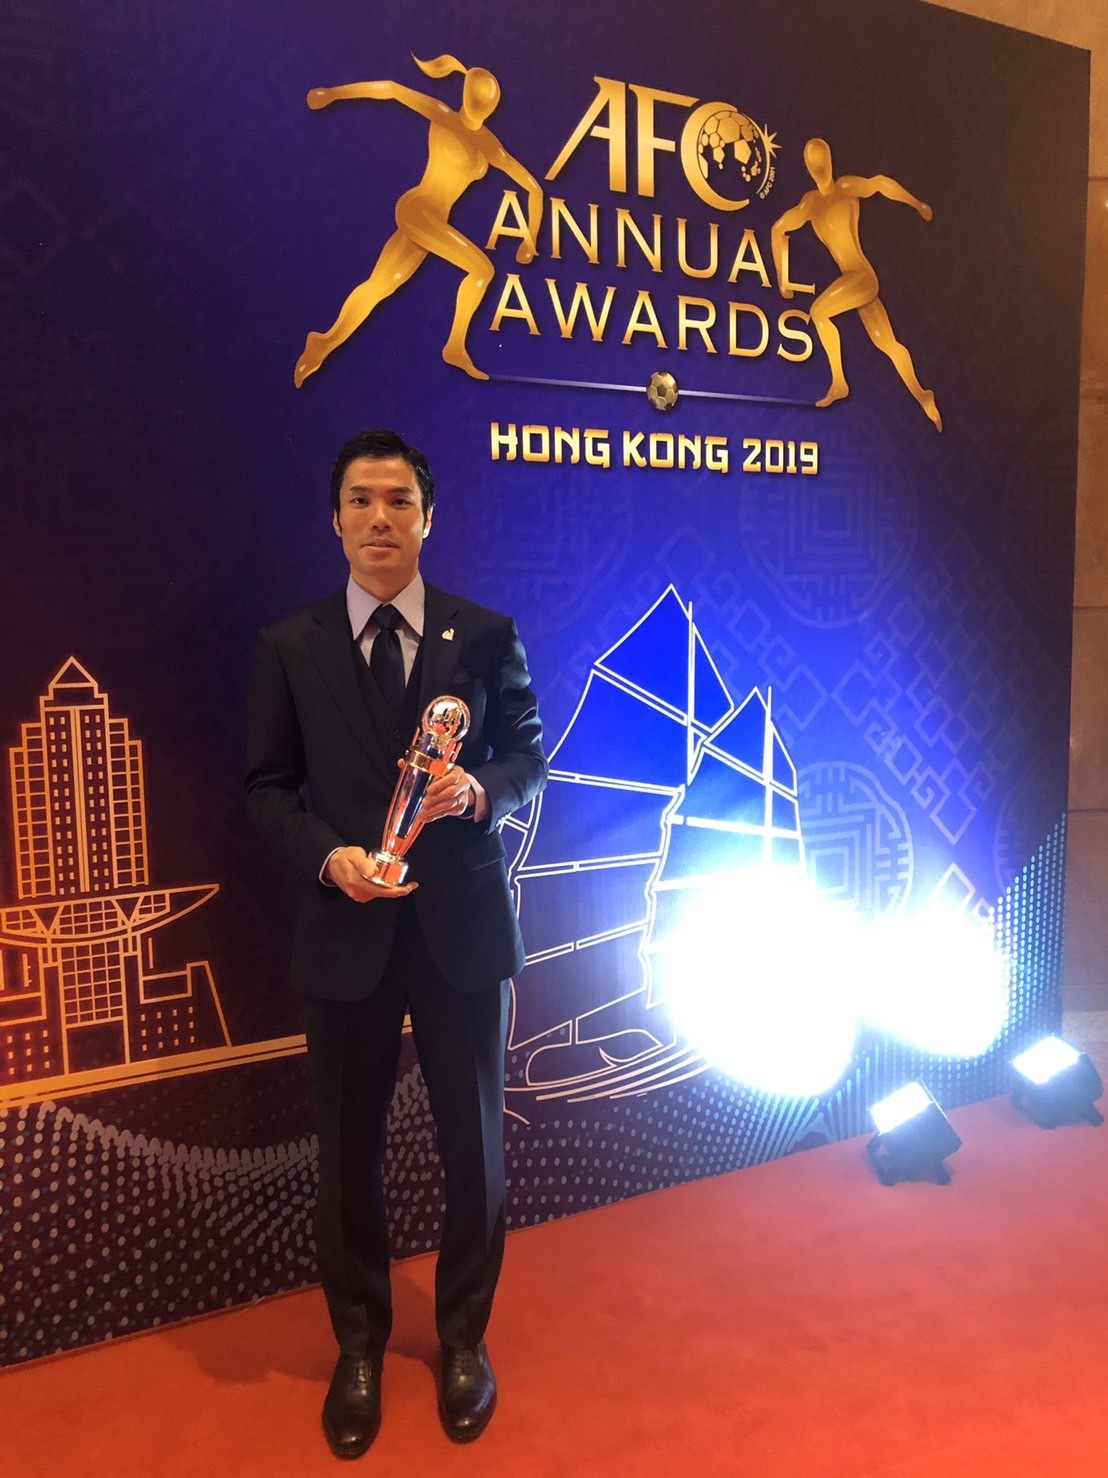 AFCの授賞式で年間最優秀フットサル選手賞に輝いた吉川智貴選手